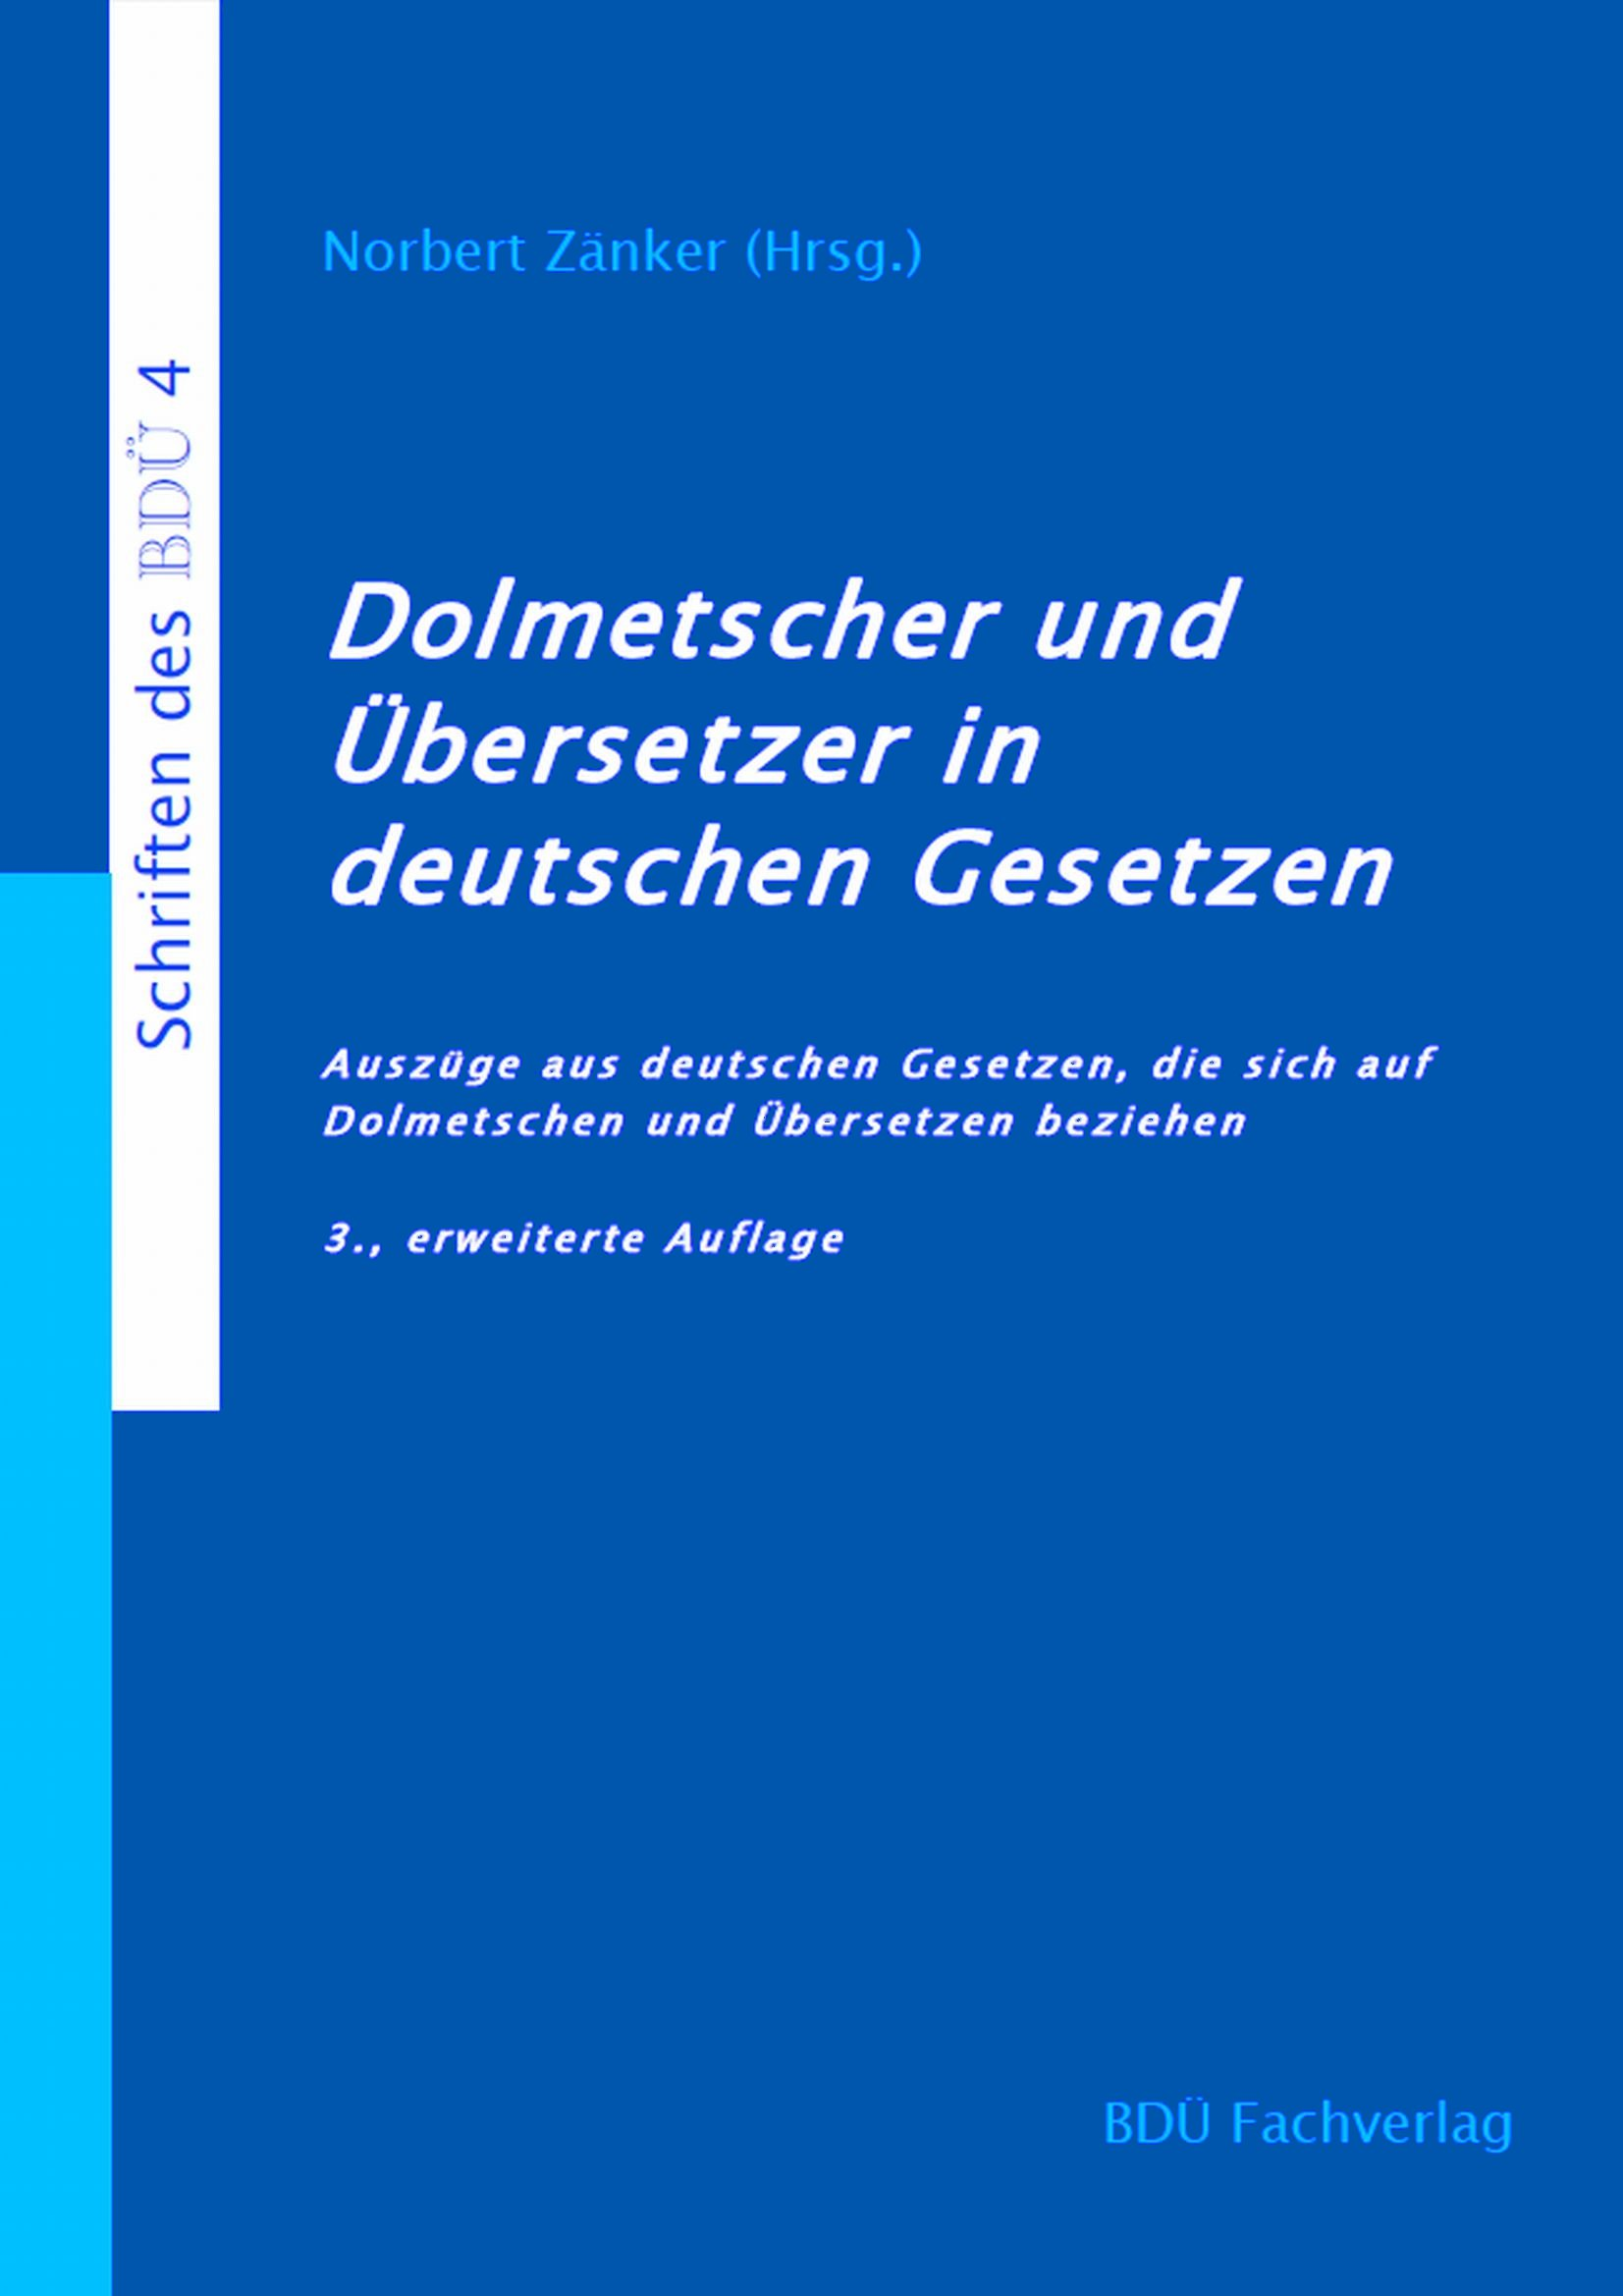 Dolmetscher und Übersetzer in deutschen Gesetzen, 3. Auflage